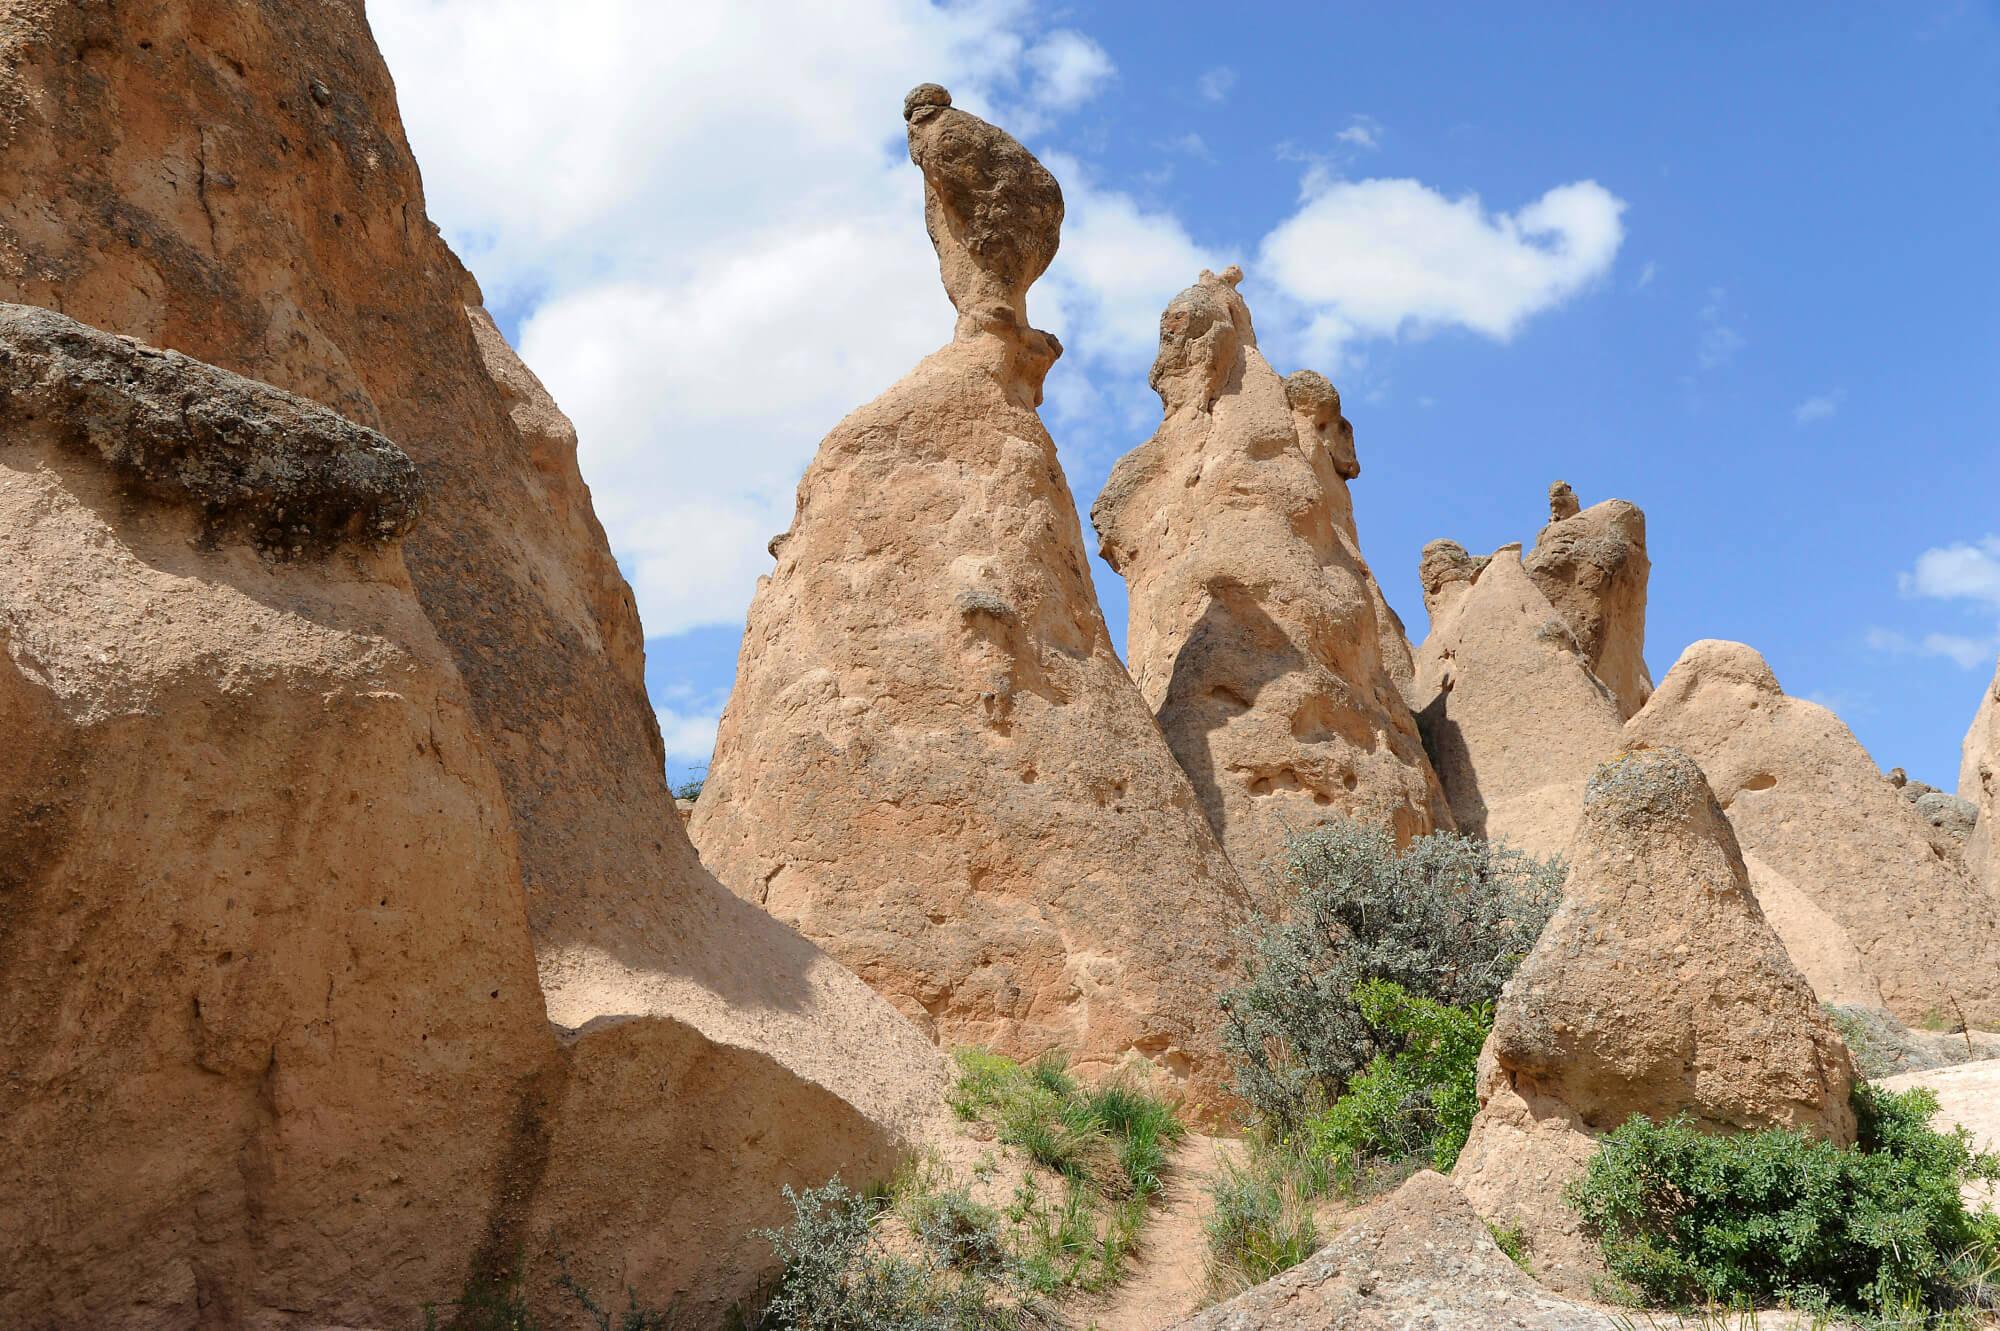 Cappadocia / Devrent Valley